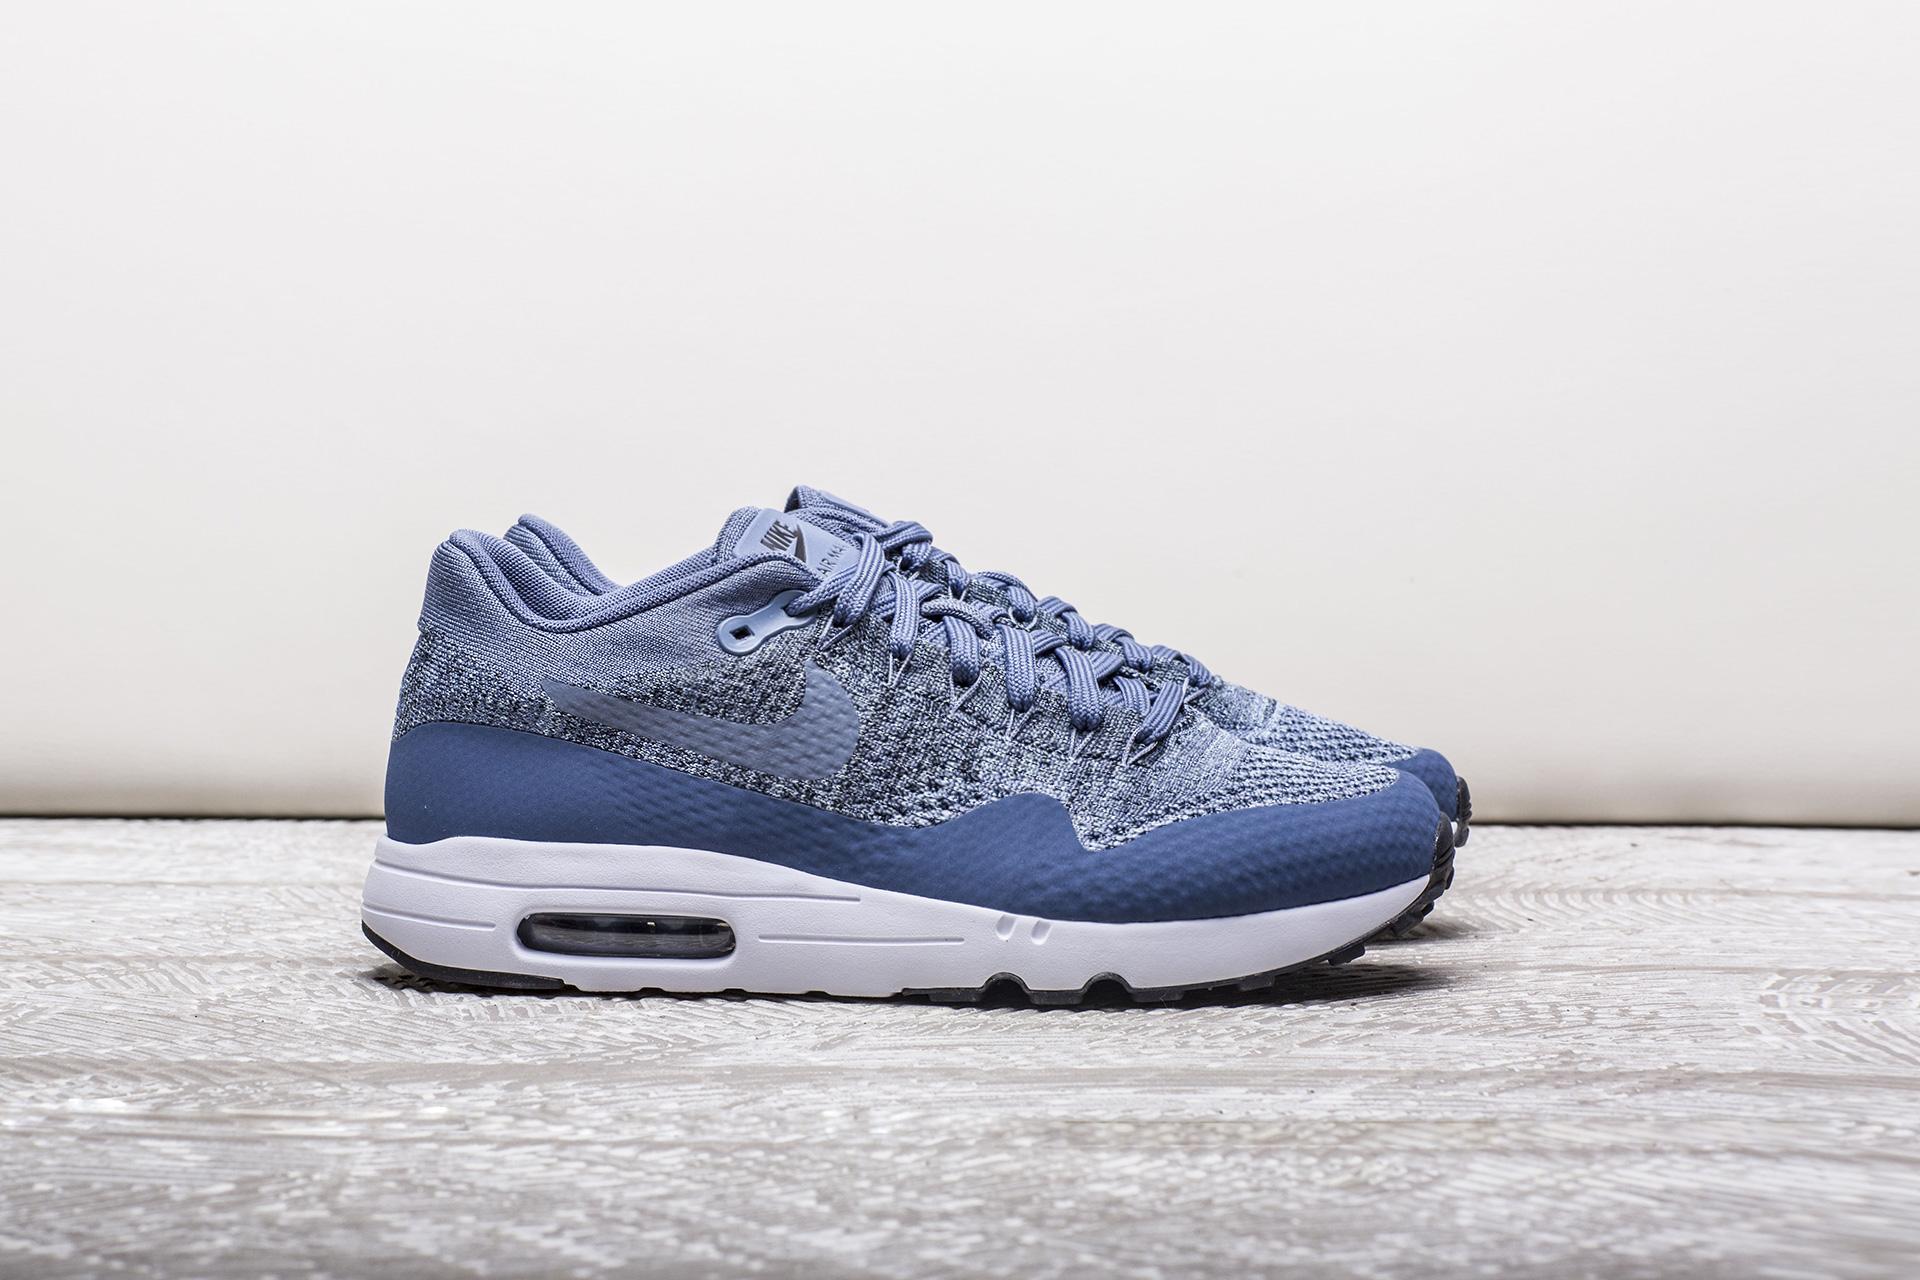 82b6ad63 Купить синие мужские кроссовки Air Max 1 Ultra 2.0 Flyknit от Nike ...